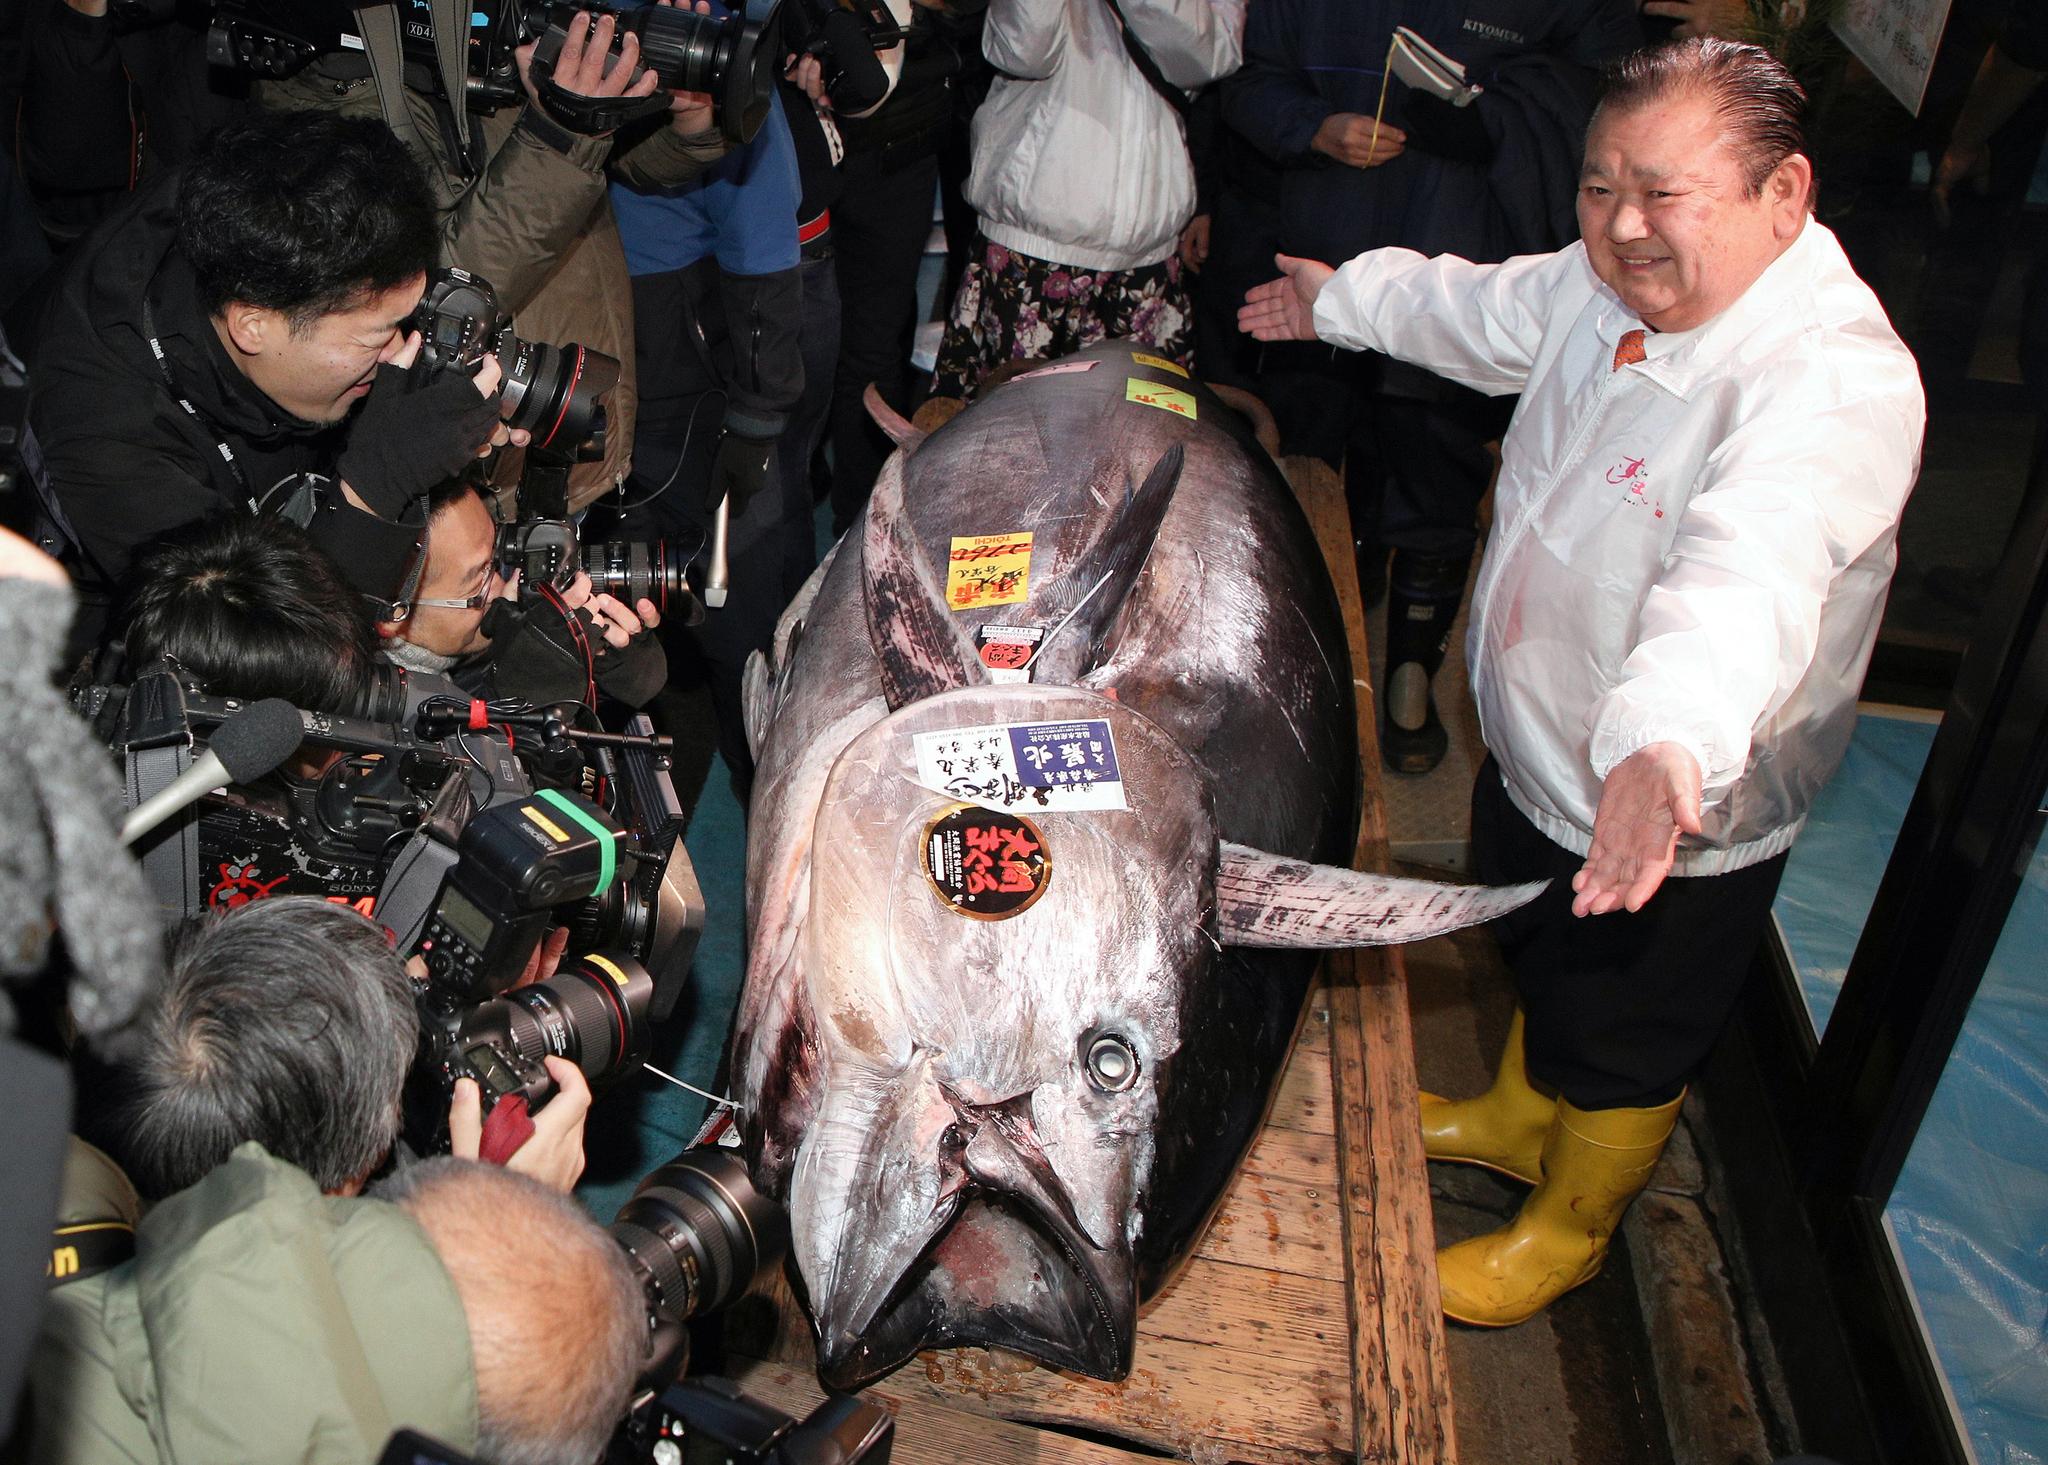 일본 요식업체 '스시 잔마이'의 기무라 기요시 대표(오른쪽)가 5일 도쿄 도요스 시장에서 1억9000만엔(약 20억8000만원)에 낙찰받은 무게 276kg 참치를 취재진에게 공개하고 있다. [EPA=연합뉴스]